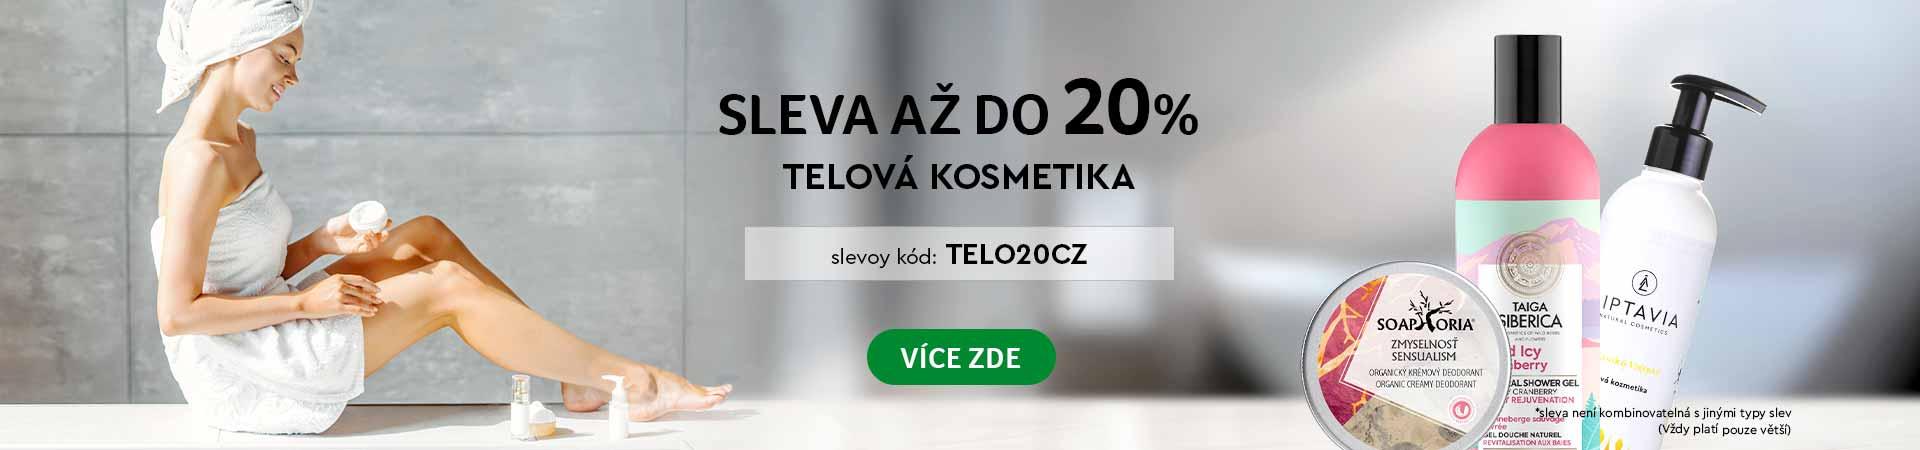 ✅ 20% na Telovou kosmetiku ✅ Kozmetika, potraviny, výživové doplnky ✅ Akcia do 03.12.2020